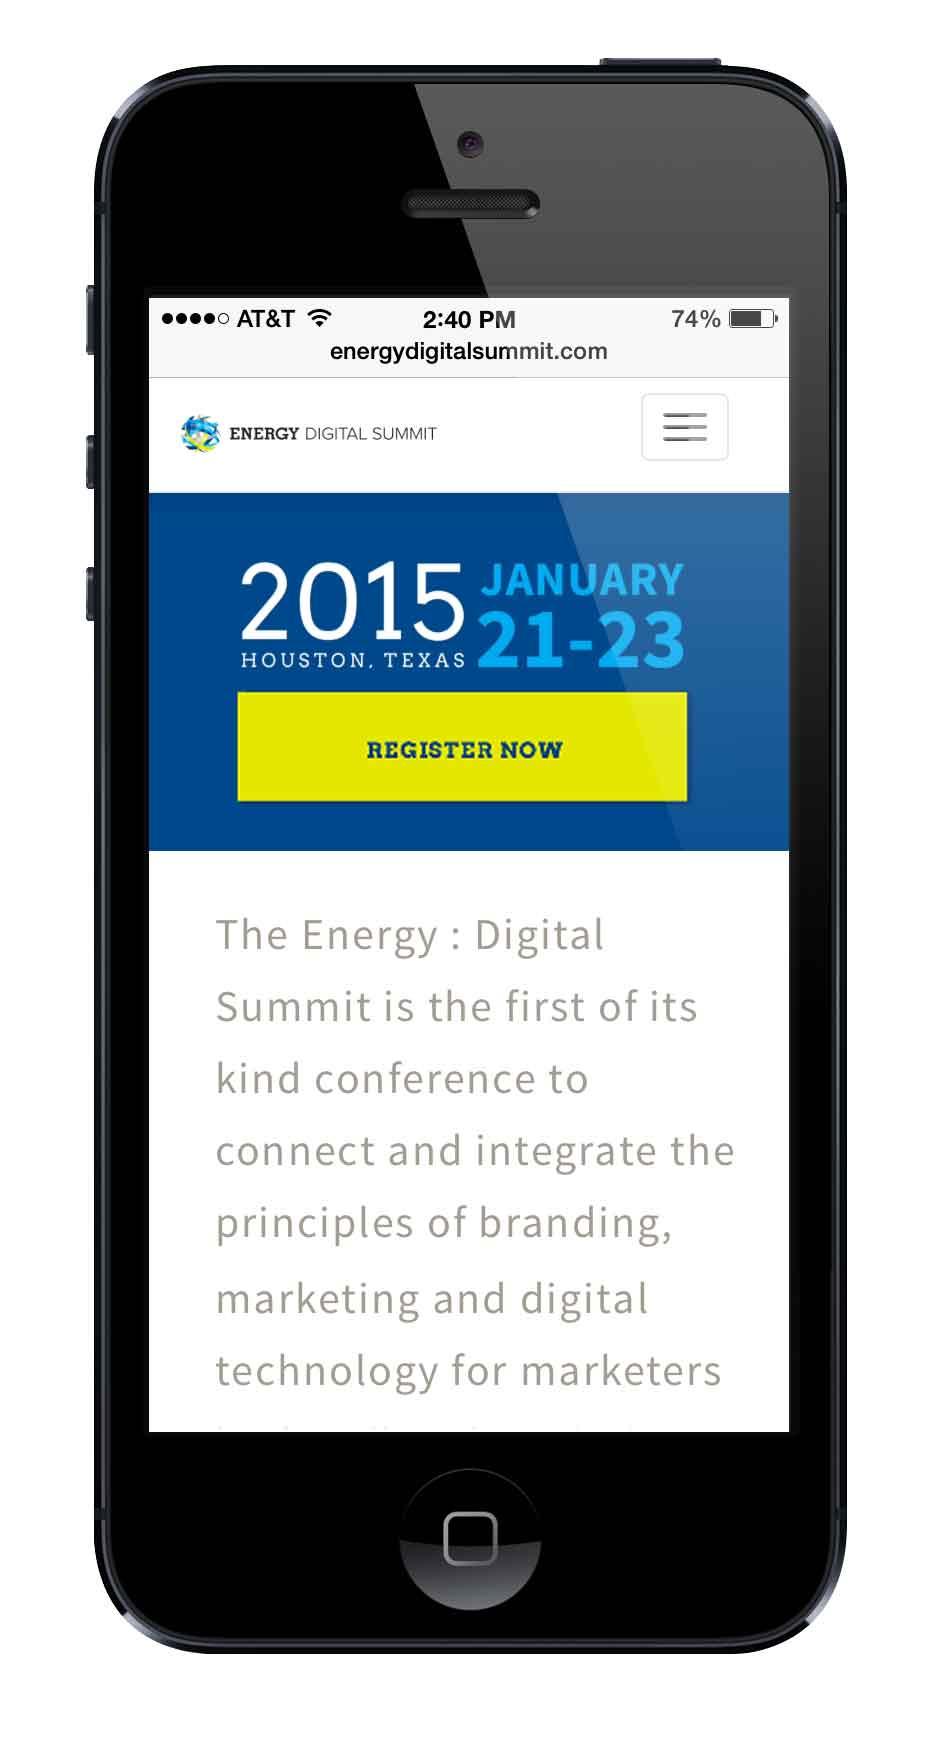 Energy Digital Summit mobile